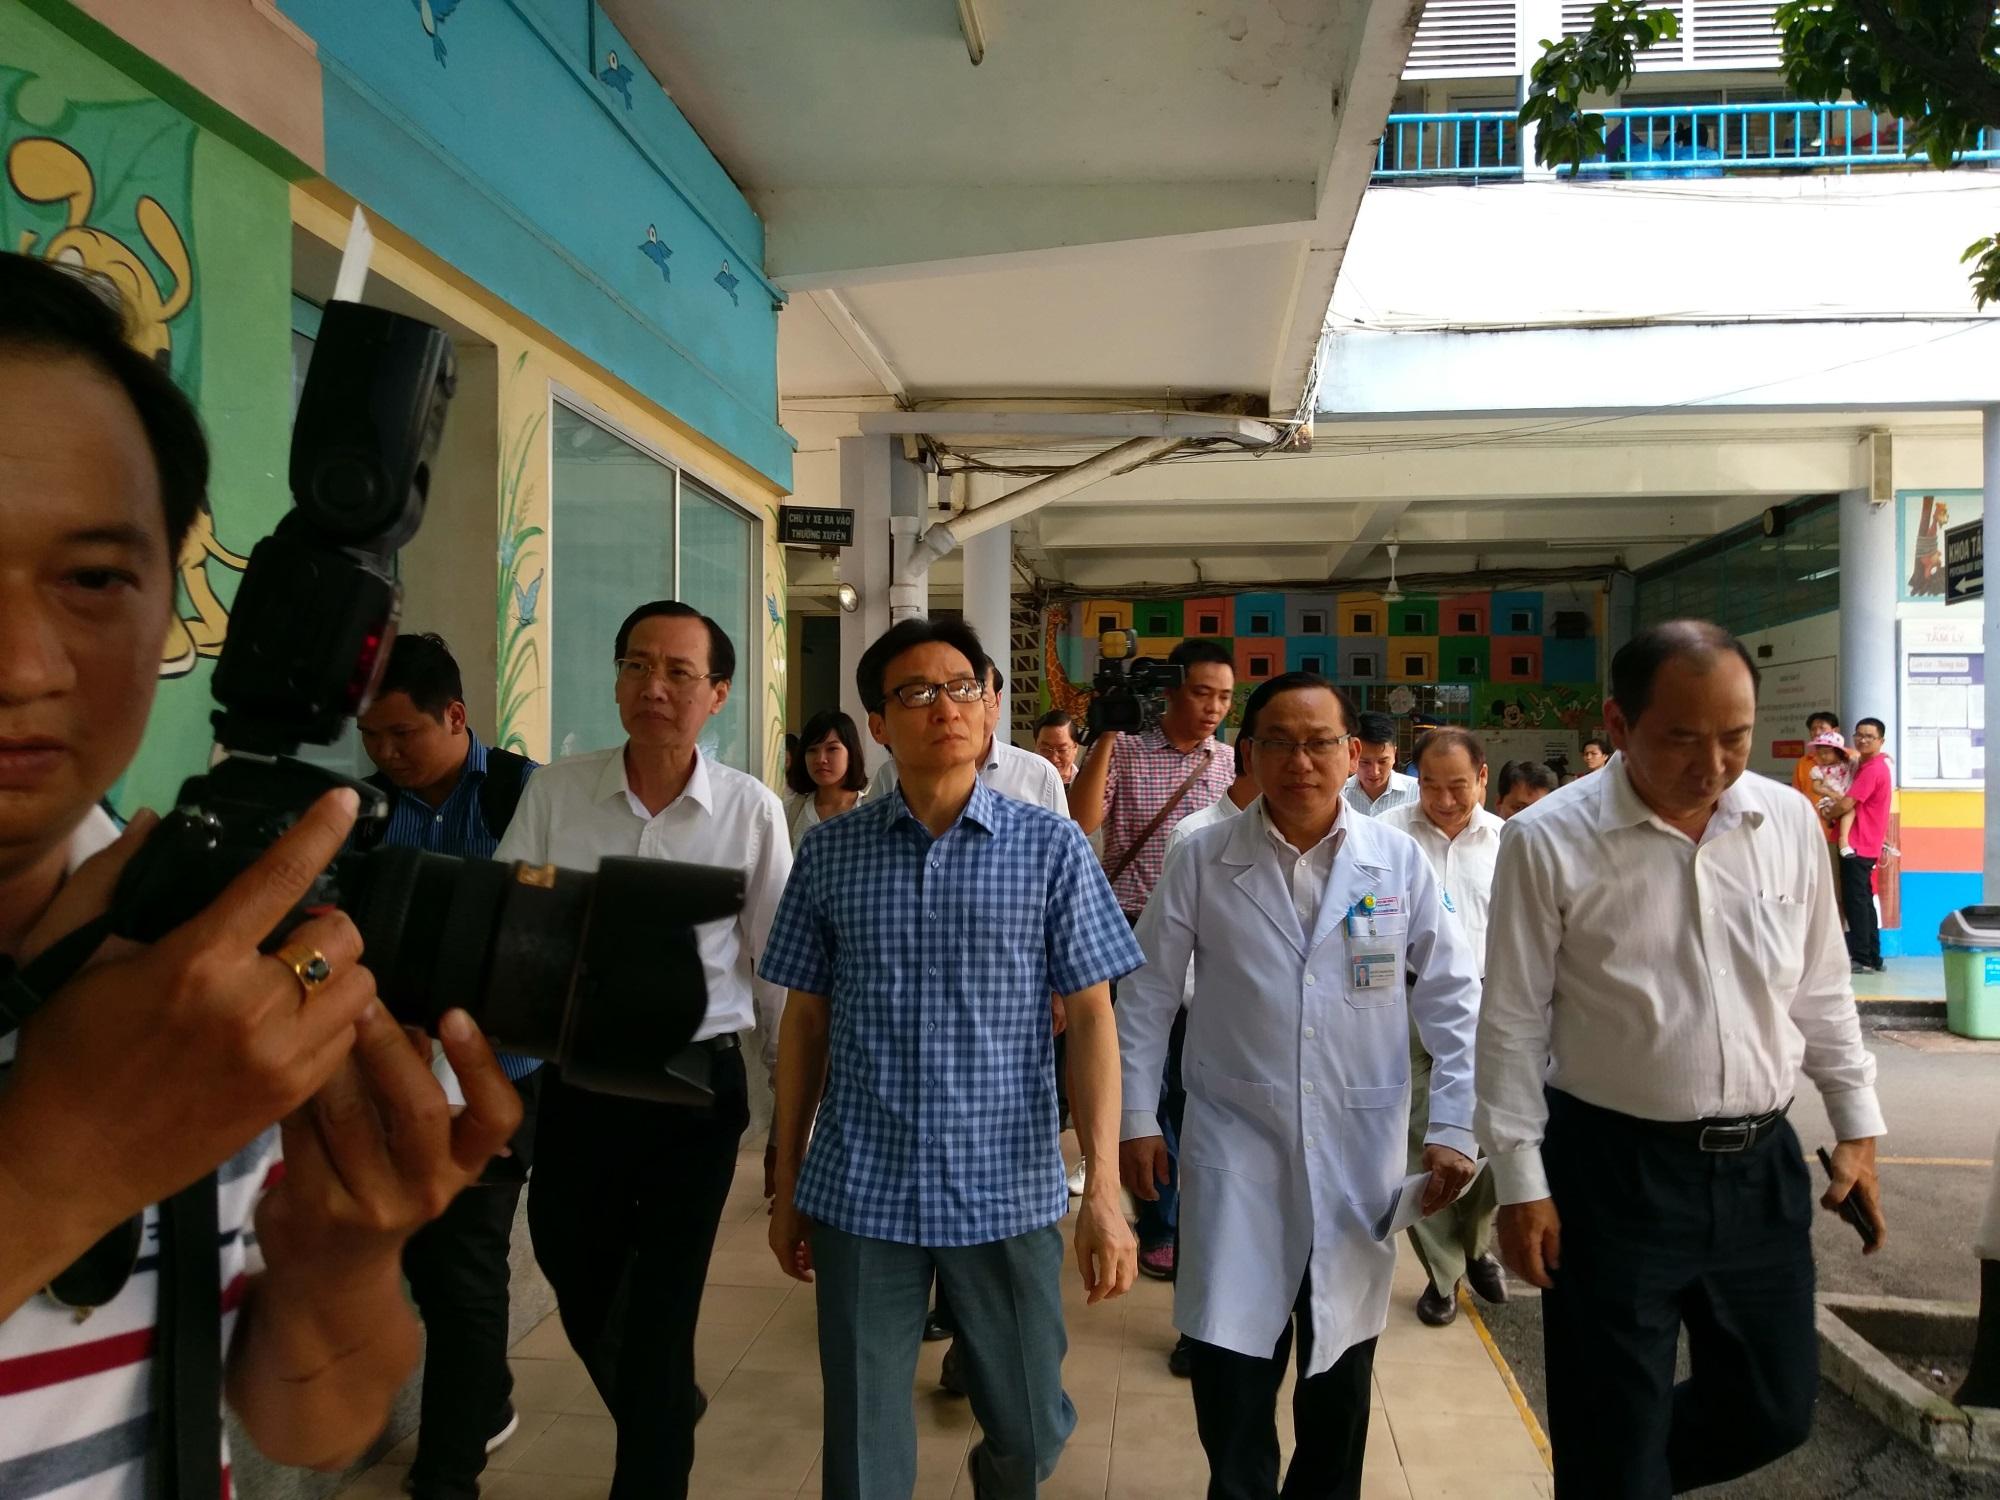 Phó Thủ tướng Vũ Đức Đam thăm và làm việc với 2 bệnh viện tại TPHCM - Ảnh 2